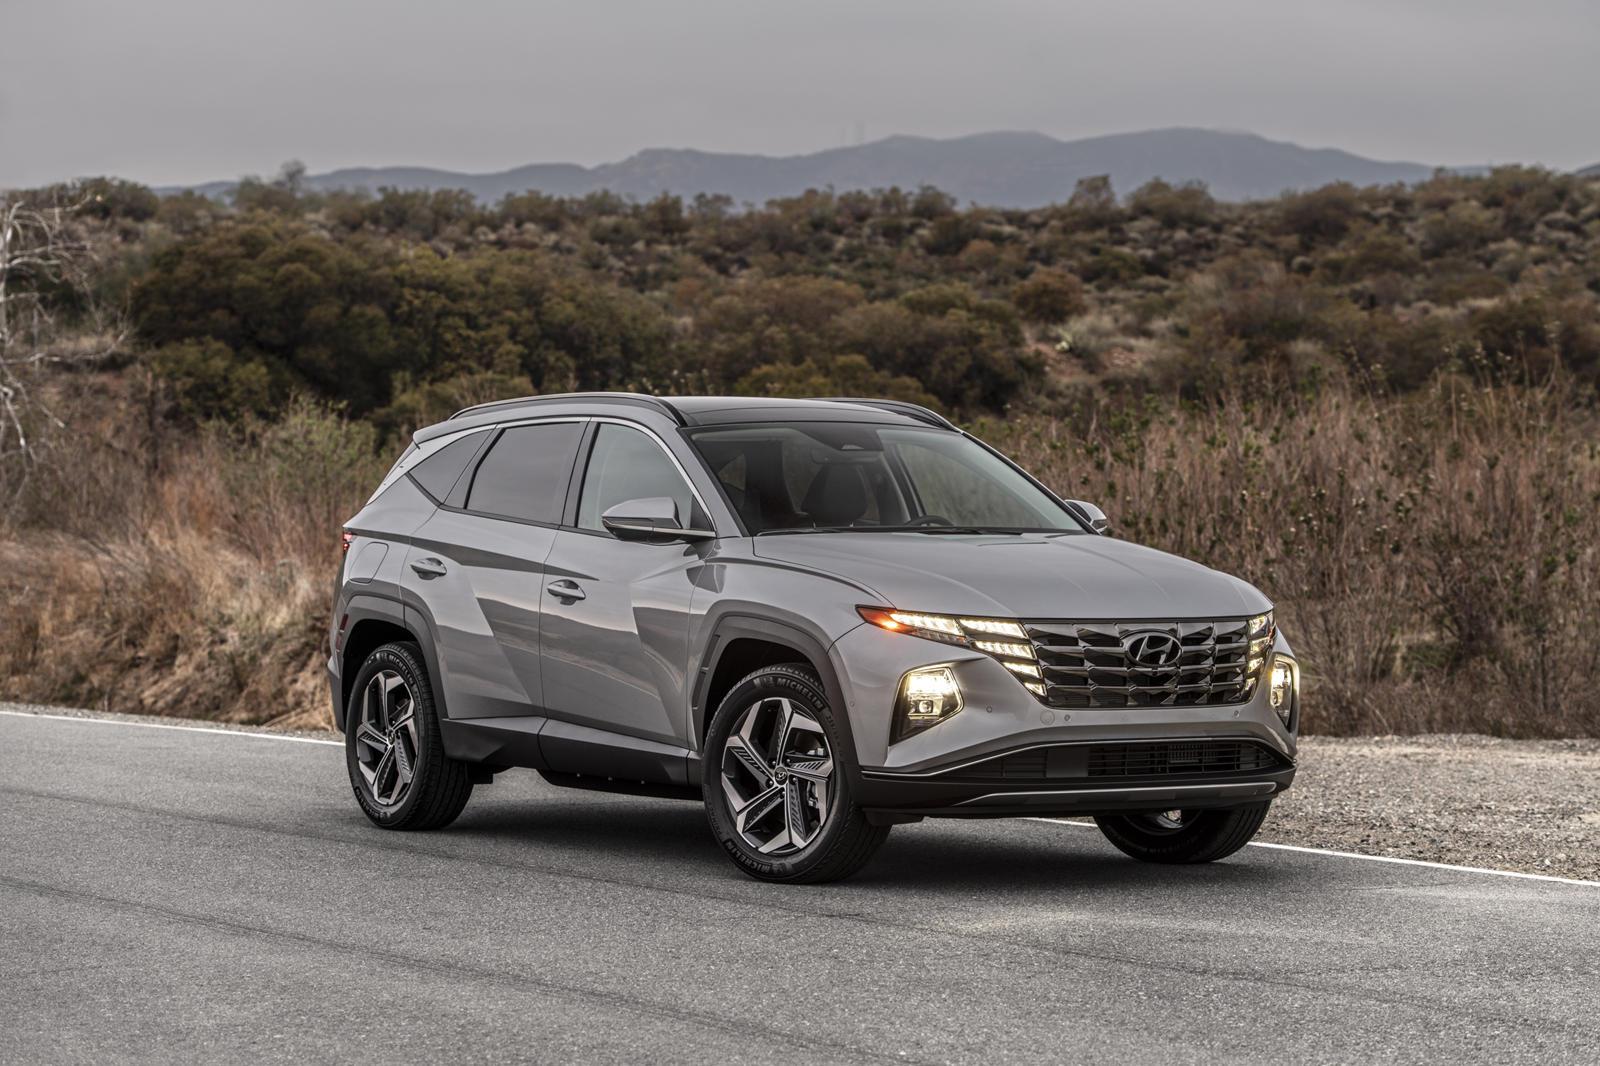 В этом году компания Hyundai уверенно вышла из ворот с новым 2022 Tucson, и этот импульс, похоже, продолжается. Смелый дизайн нового внедорожника был представлен в конце прошлого года и уже запущен в производство в США. В качестве бонуса он стоит на